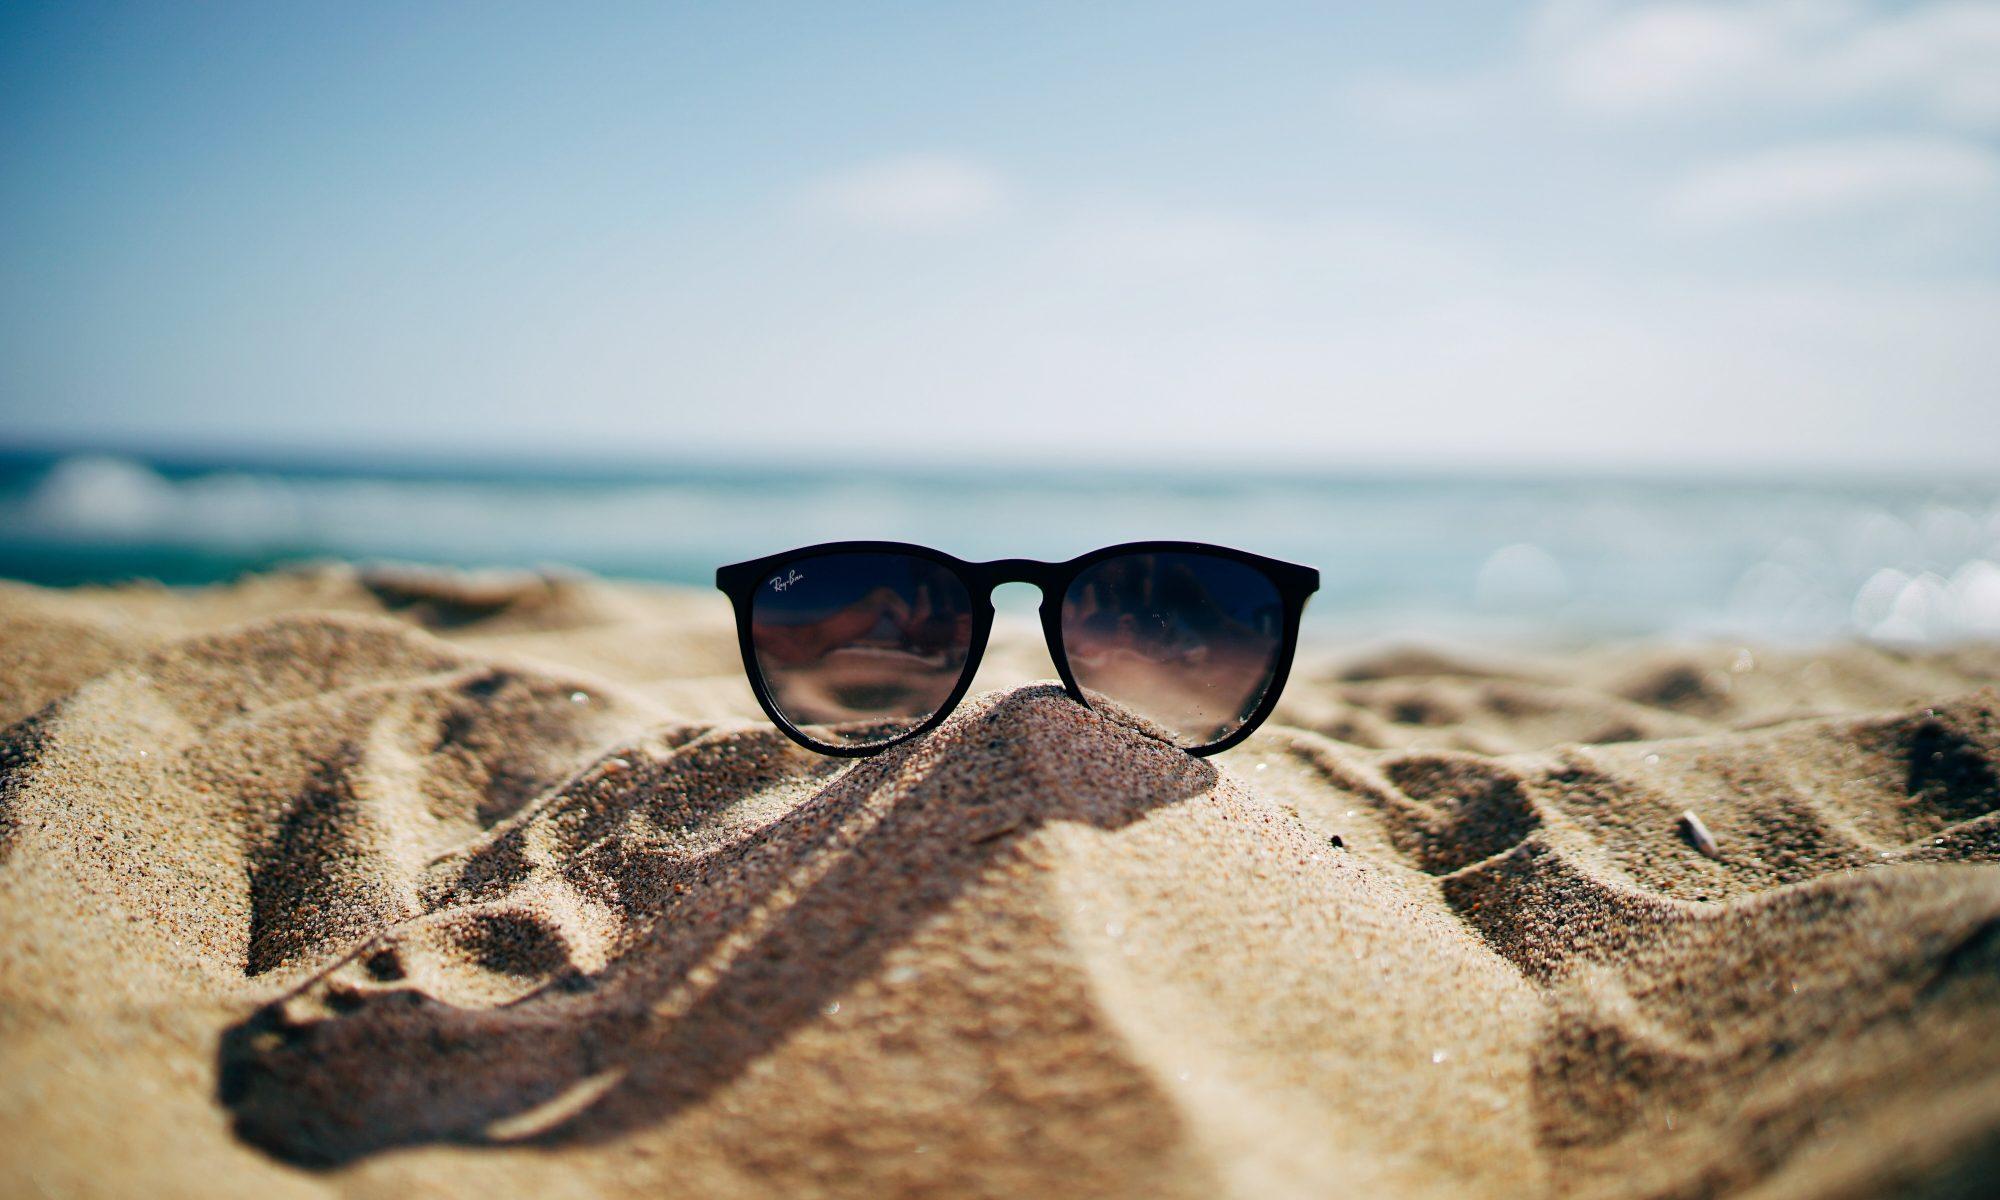 Como Cuidar da Saúde no Verão? 5 Dicas Fundamentais